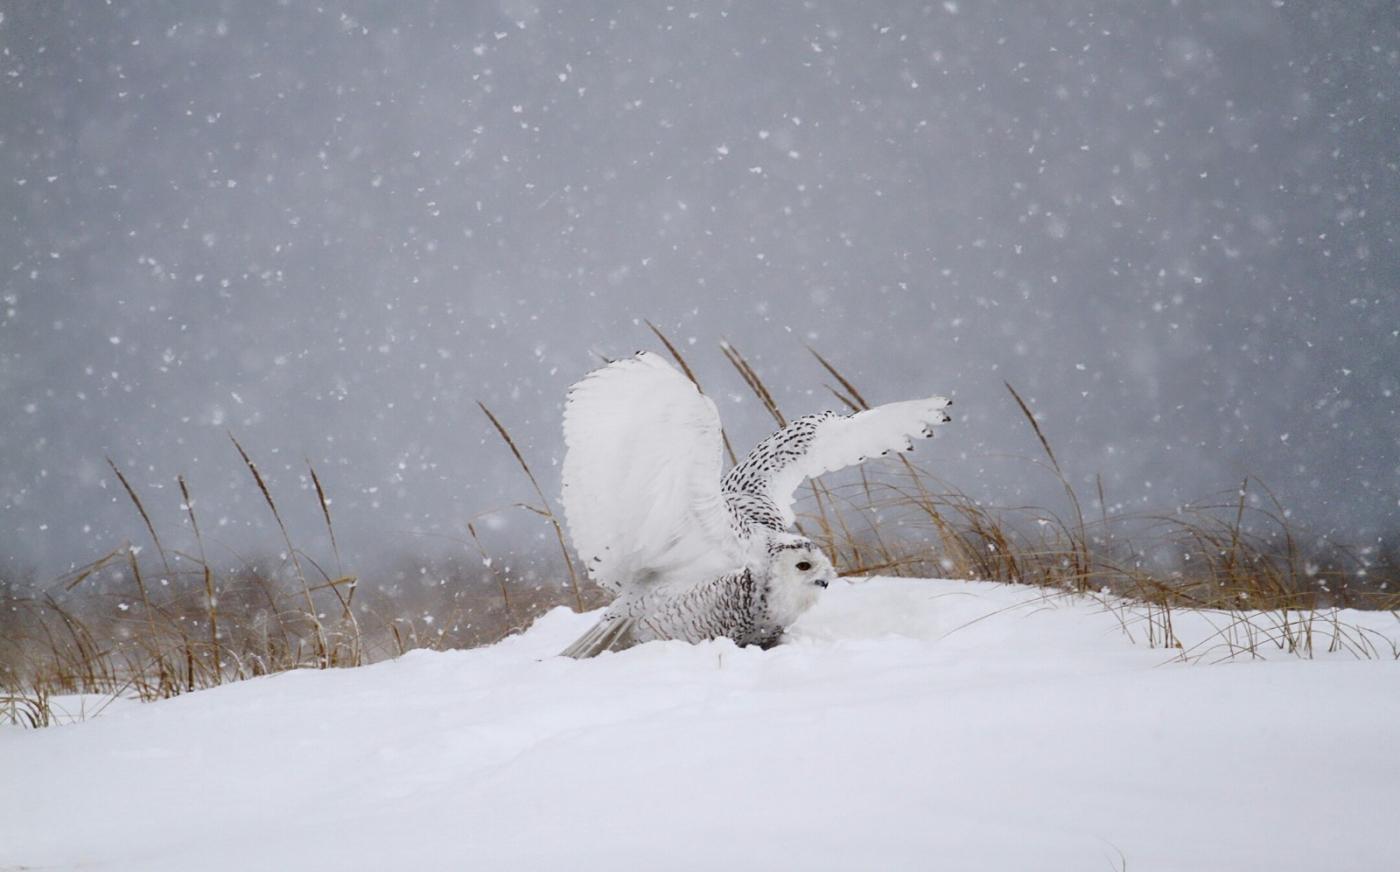 【田螺摄影】它坐着我坐着~抓拍雪猫鹰的萌态_图1-28